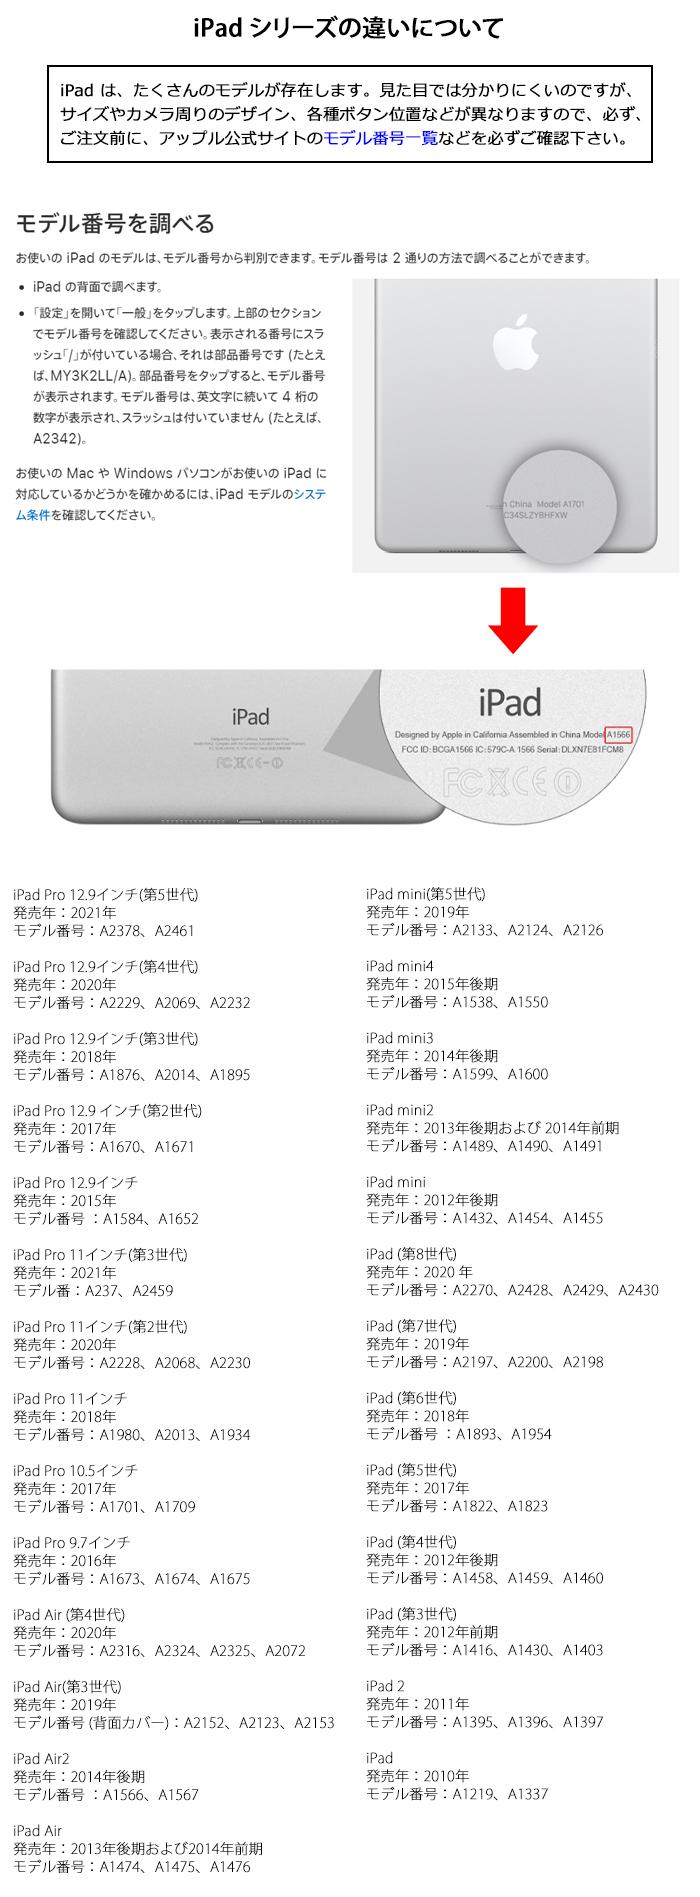 iPad Air2 Air mini Pro ケース スマート カバー スマートケース mini2 mini3 mini4 Airケース Air2ケース Proケース Airカバー Air2カバー miniケース miniカバー スマートカバー 送料無料